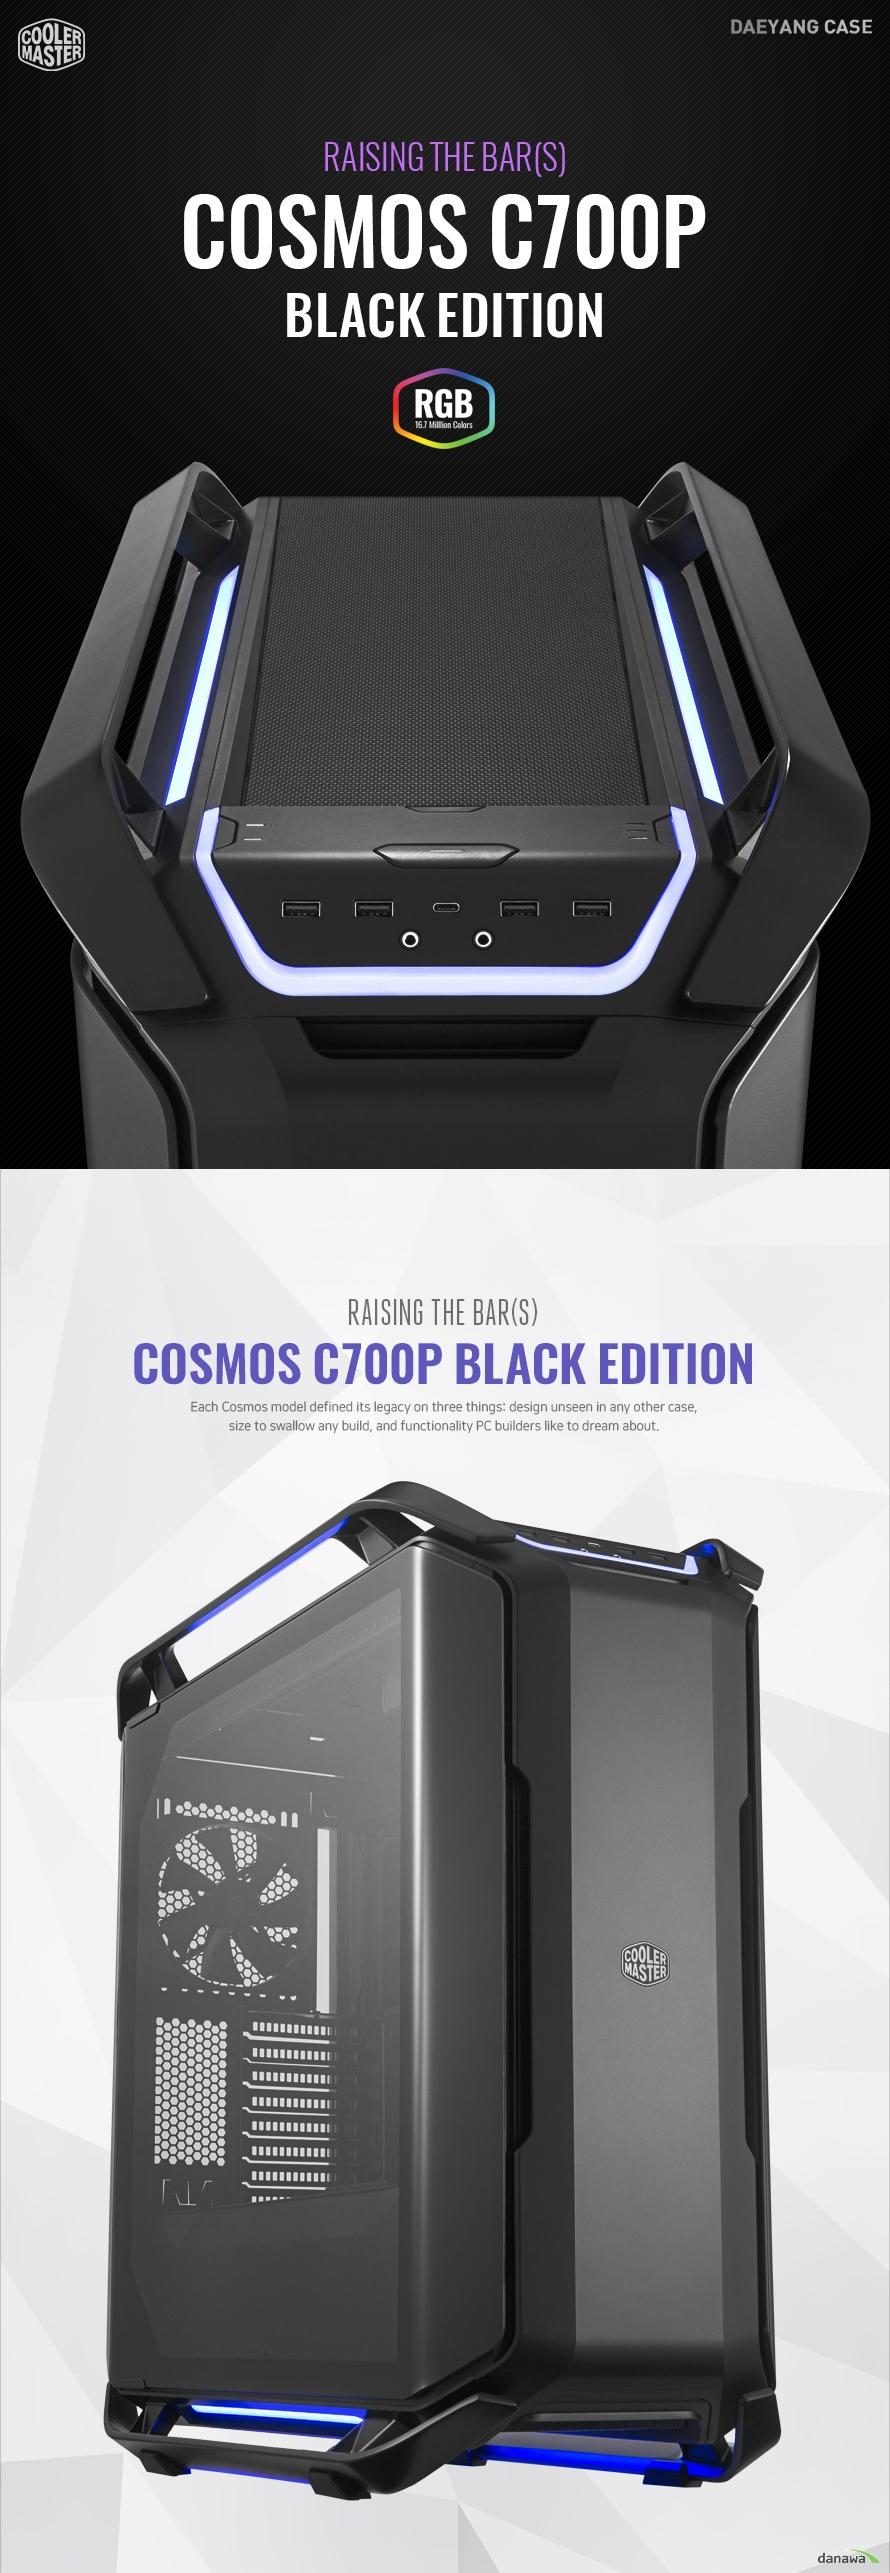 최고의 편의성 사용자를 배려한 설계  COSMOS C700P BLACK EDITION은 디자인과 편의성, 확장성을 다 갖춘 고성능 프리미엄 케이스입니다. 튼튼한 알루미늄 손잡이와 간단히 팬 속도 및 RGB 조명을 조절할 수 있는 버튼식 컨트롤러, 간편하게 열고 닫을 수 있는 곡선형 강화 유리 사이드 패널이 장착되어 편의성을 극대화 하였습니다.  모든 것을 담아낼 수 있는 확장성 빅 타워 이상의 울트라 타워 케이스  모든 것을 담아낼 수 있는 풍부한 확장성으로 내부 공간의 효율성을 최대한 이끌어냈습니다. 최대 높이 198mm의 타워형 CPU 쿨러와 3열 420mm 규격 라디에이터 수냉 CPU 쿨러 최대 길이 490mm 그래픽카드 그리고 9개의 저장장치 설치 공간을 지원합니다.  자유롭게 패널을 여닫을 수 있는  강철 소재의 힌지 장착  강철 소재로 제작된 힌지가 장착되어 묵직한 강화 유리 패널을  안정감있게 열고 닫을 수 있습니다. 나사와 철제 프레임으로 단단히 고정되어 있으며, 양 옆 패널 모두 부착되어 있습니다.  혁신적인 디자인 완벽한 대칭의 강화 유리 패널  간결하면서도 세련됨을 유지할 수 있는 대칭형 디자인을 채택하였습니다. 튼튼한 강화 유리로 제작되어 아크릴에 비해 내구성이 뛰어납니다.  모든 파츠 분해 가능 풀 모듈러 설계 커스텀 빌드 케이스  차세대 프레임 설계로 모든 파츠를 완벽하게 분해 가능합니다. 설치가 매우 간편하며 자신만의 커스텀 빌드 또한 구상할 수 있습니다. 부분 도색 작업을 좀 더 효율적으로  진행할 수 있어 케이스 모더들에게 이상적인 설계 방식입니다.  모든 LED와 동기화 하나로 일체된 컬러  케이스 외부와 내부 부품들의 컬러를 동기화하여 하나의 몸처럼 일체화할 수 있습니다. 동기화된 컬러로 주변 환경에 어울리도록 서로 매칭 시켜보세요.  간소화된 공기 흐름 구조 저소음 고효율 쿨링 시스템 구성  전면에 140mm 팬 2개와 후면에 140mm 팬 1개를 장착하였습니다. 꼭 필요한 곳에만 팬을 배치해 공기 흐름이 원활하도록 설계하였으며  열에 취약한 부분을 직접적으로 냉각하여 쿨링 효율을 높였습니다.